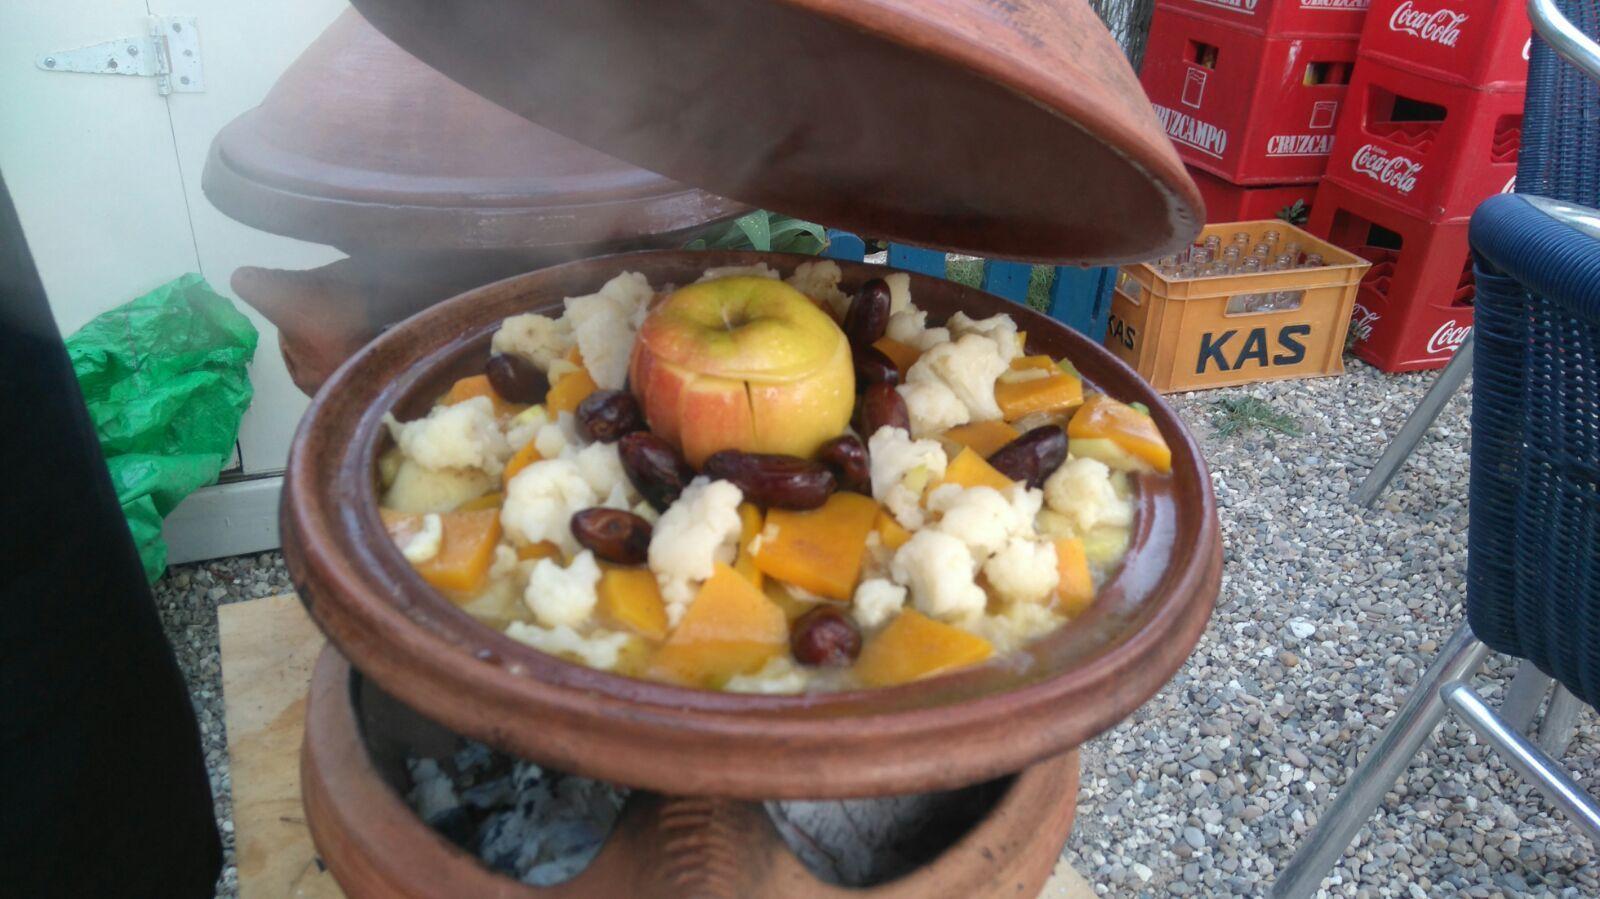 Comida vegana casera en Los Caños de Meca